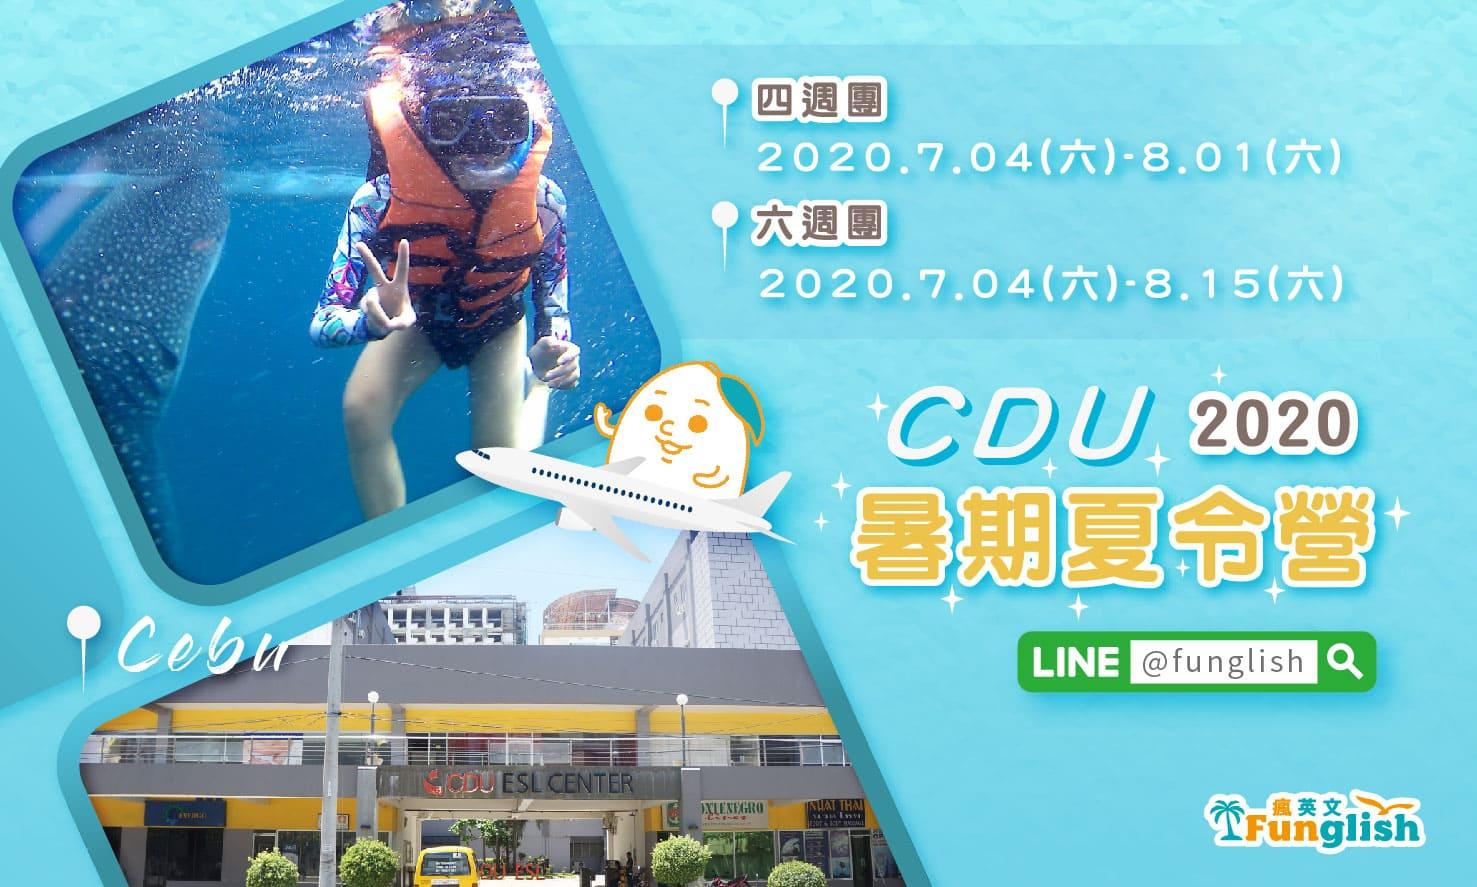 2020 暑假遊學團 CDU 夏令營